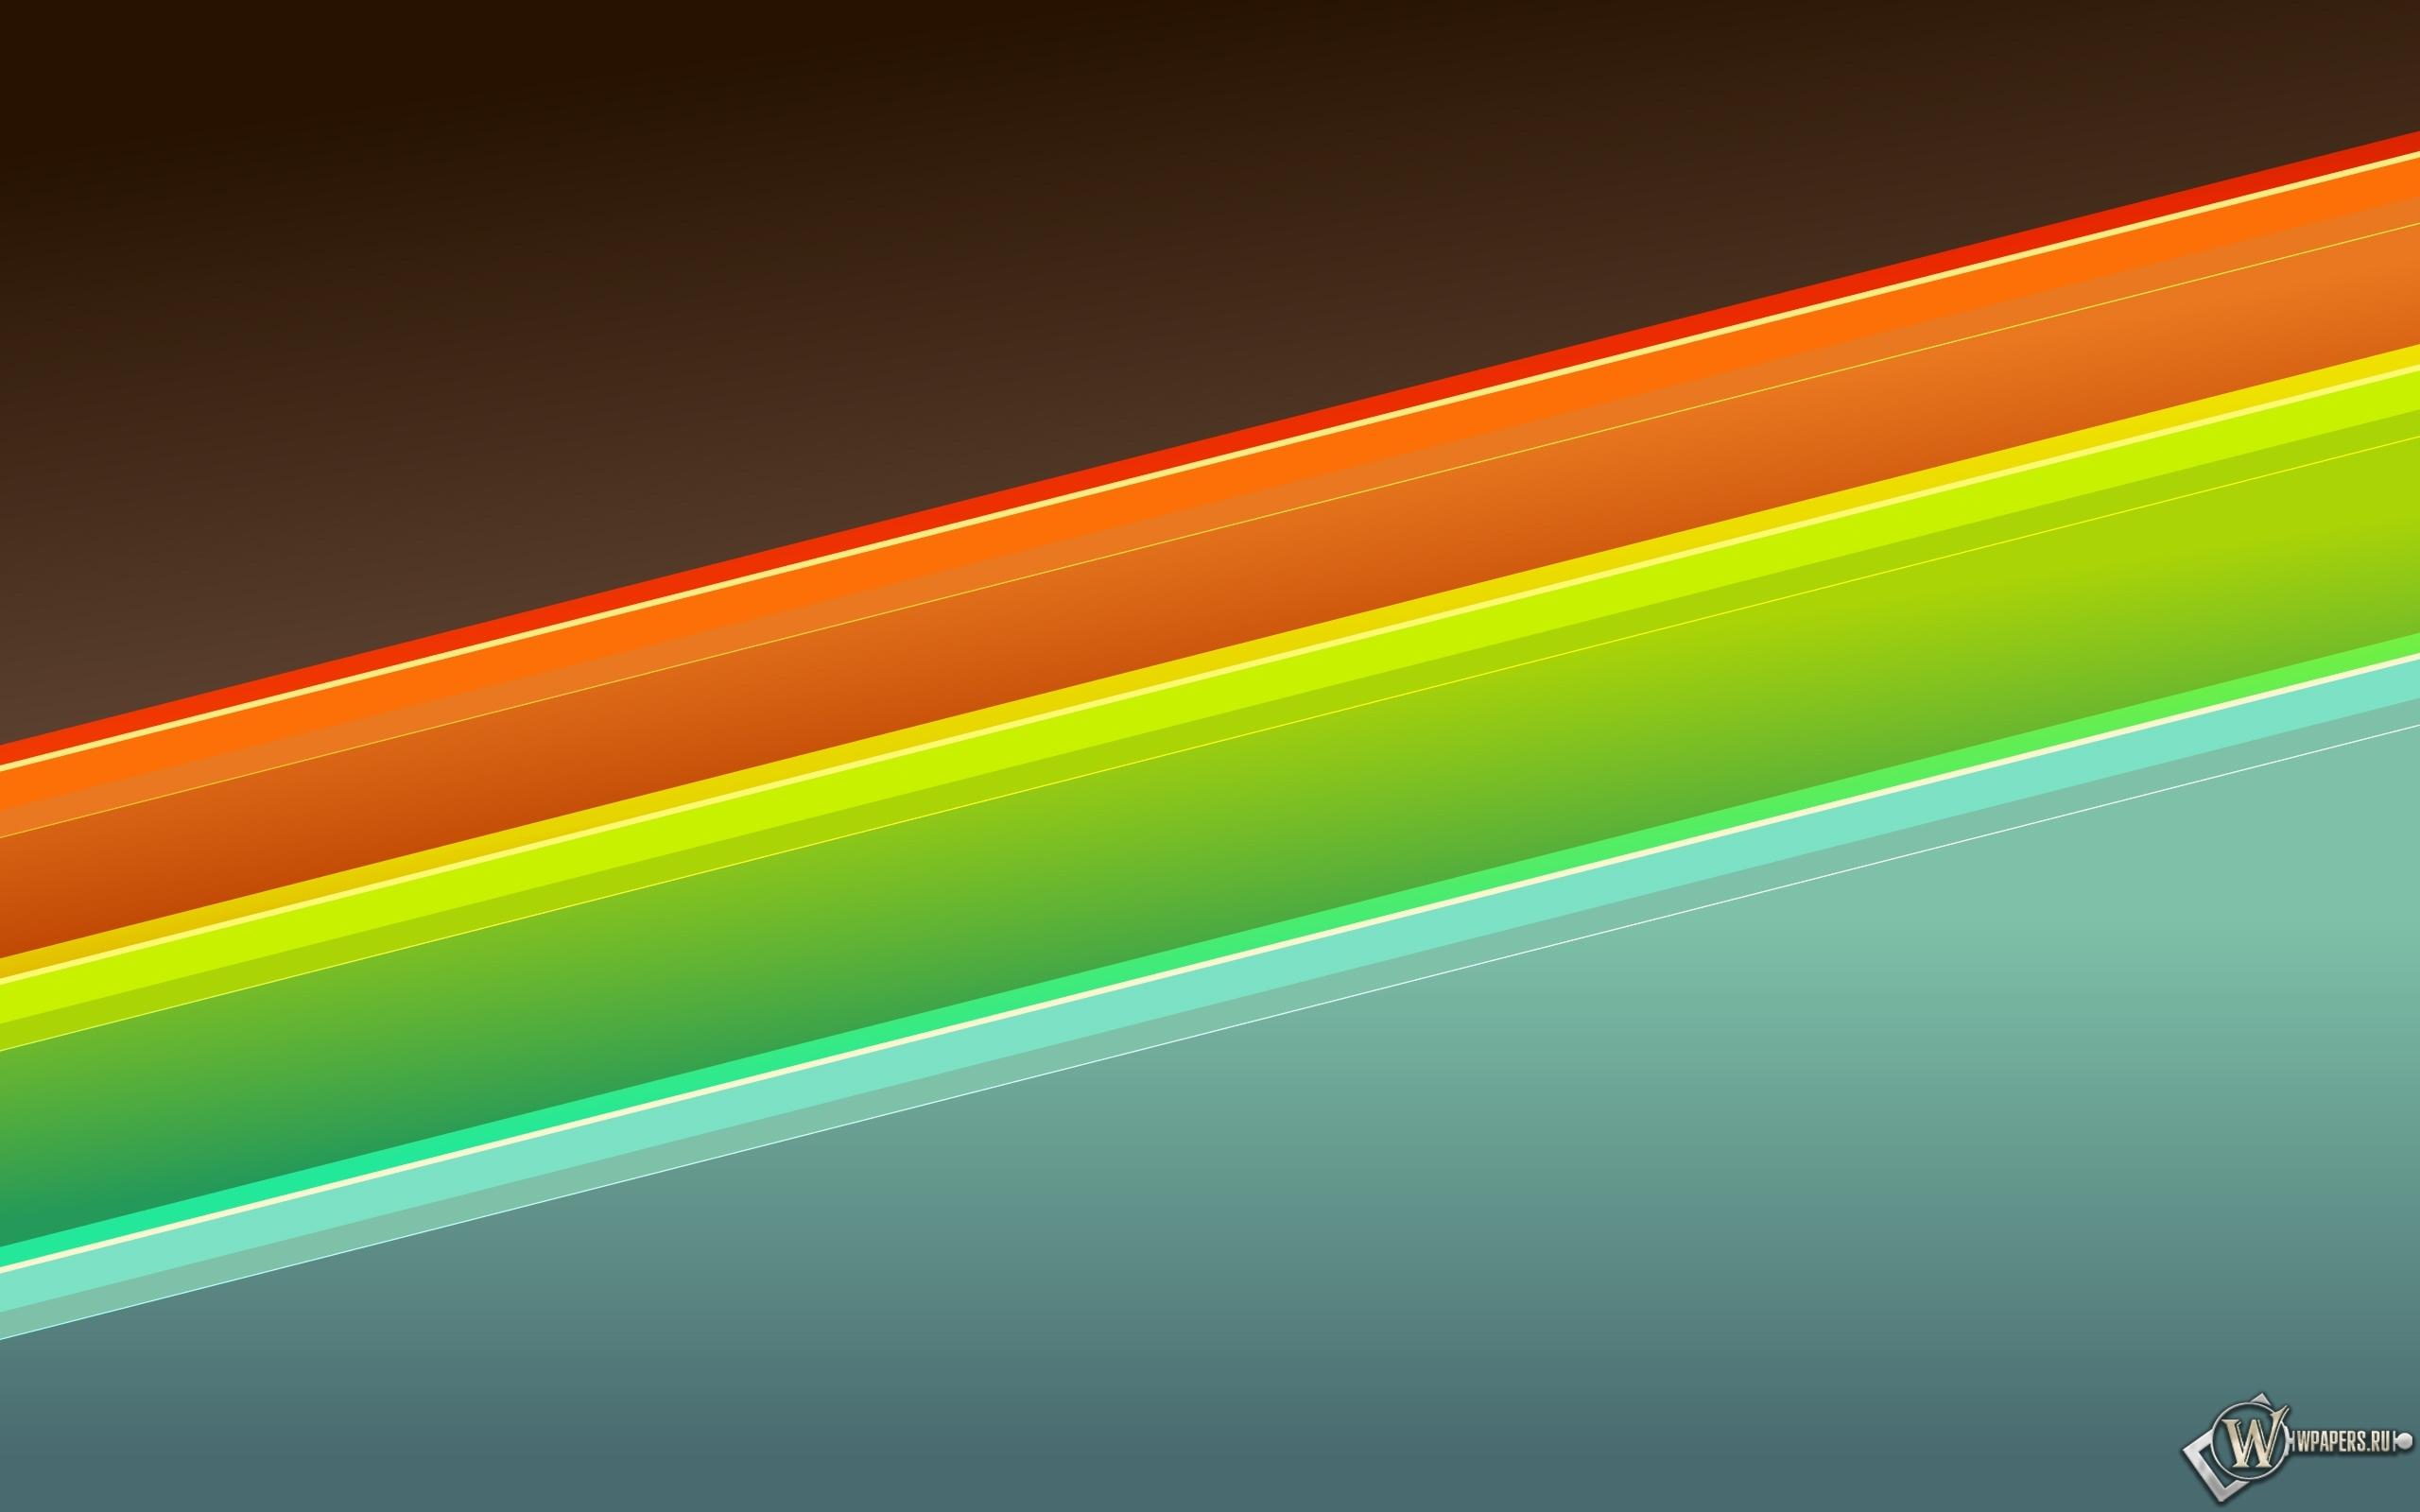 Неоновые линии 2560x1600